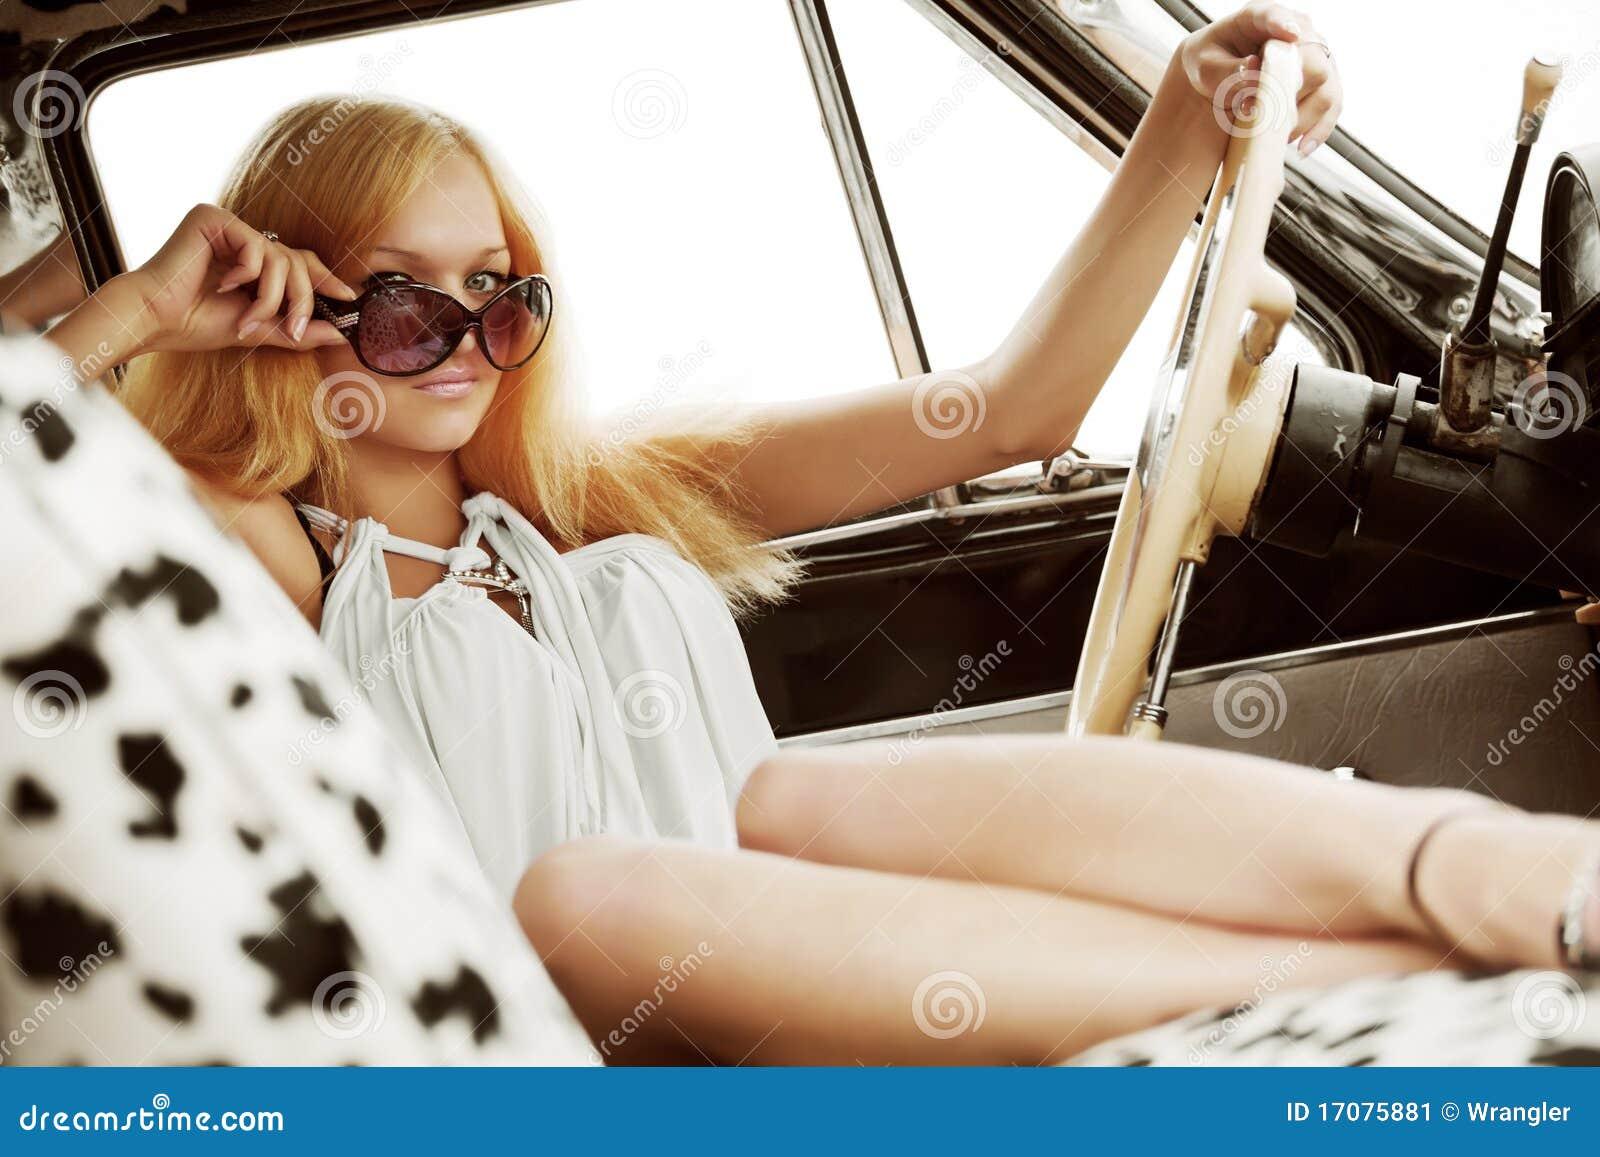 Junge Frau in einem Retro- Auto.